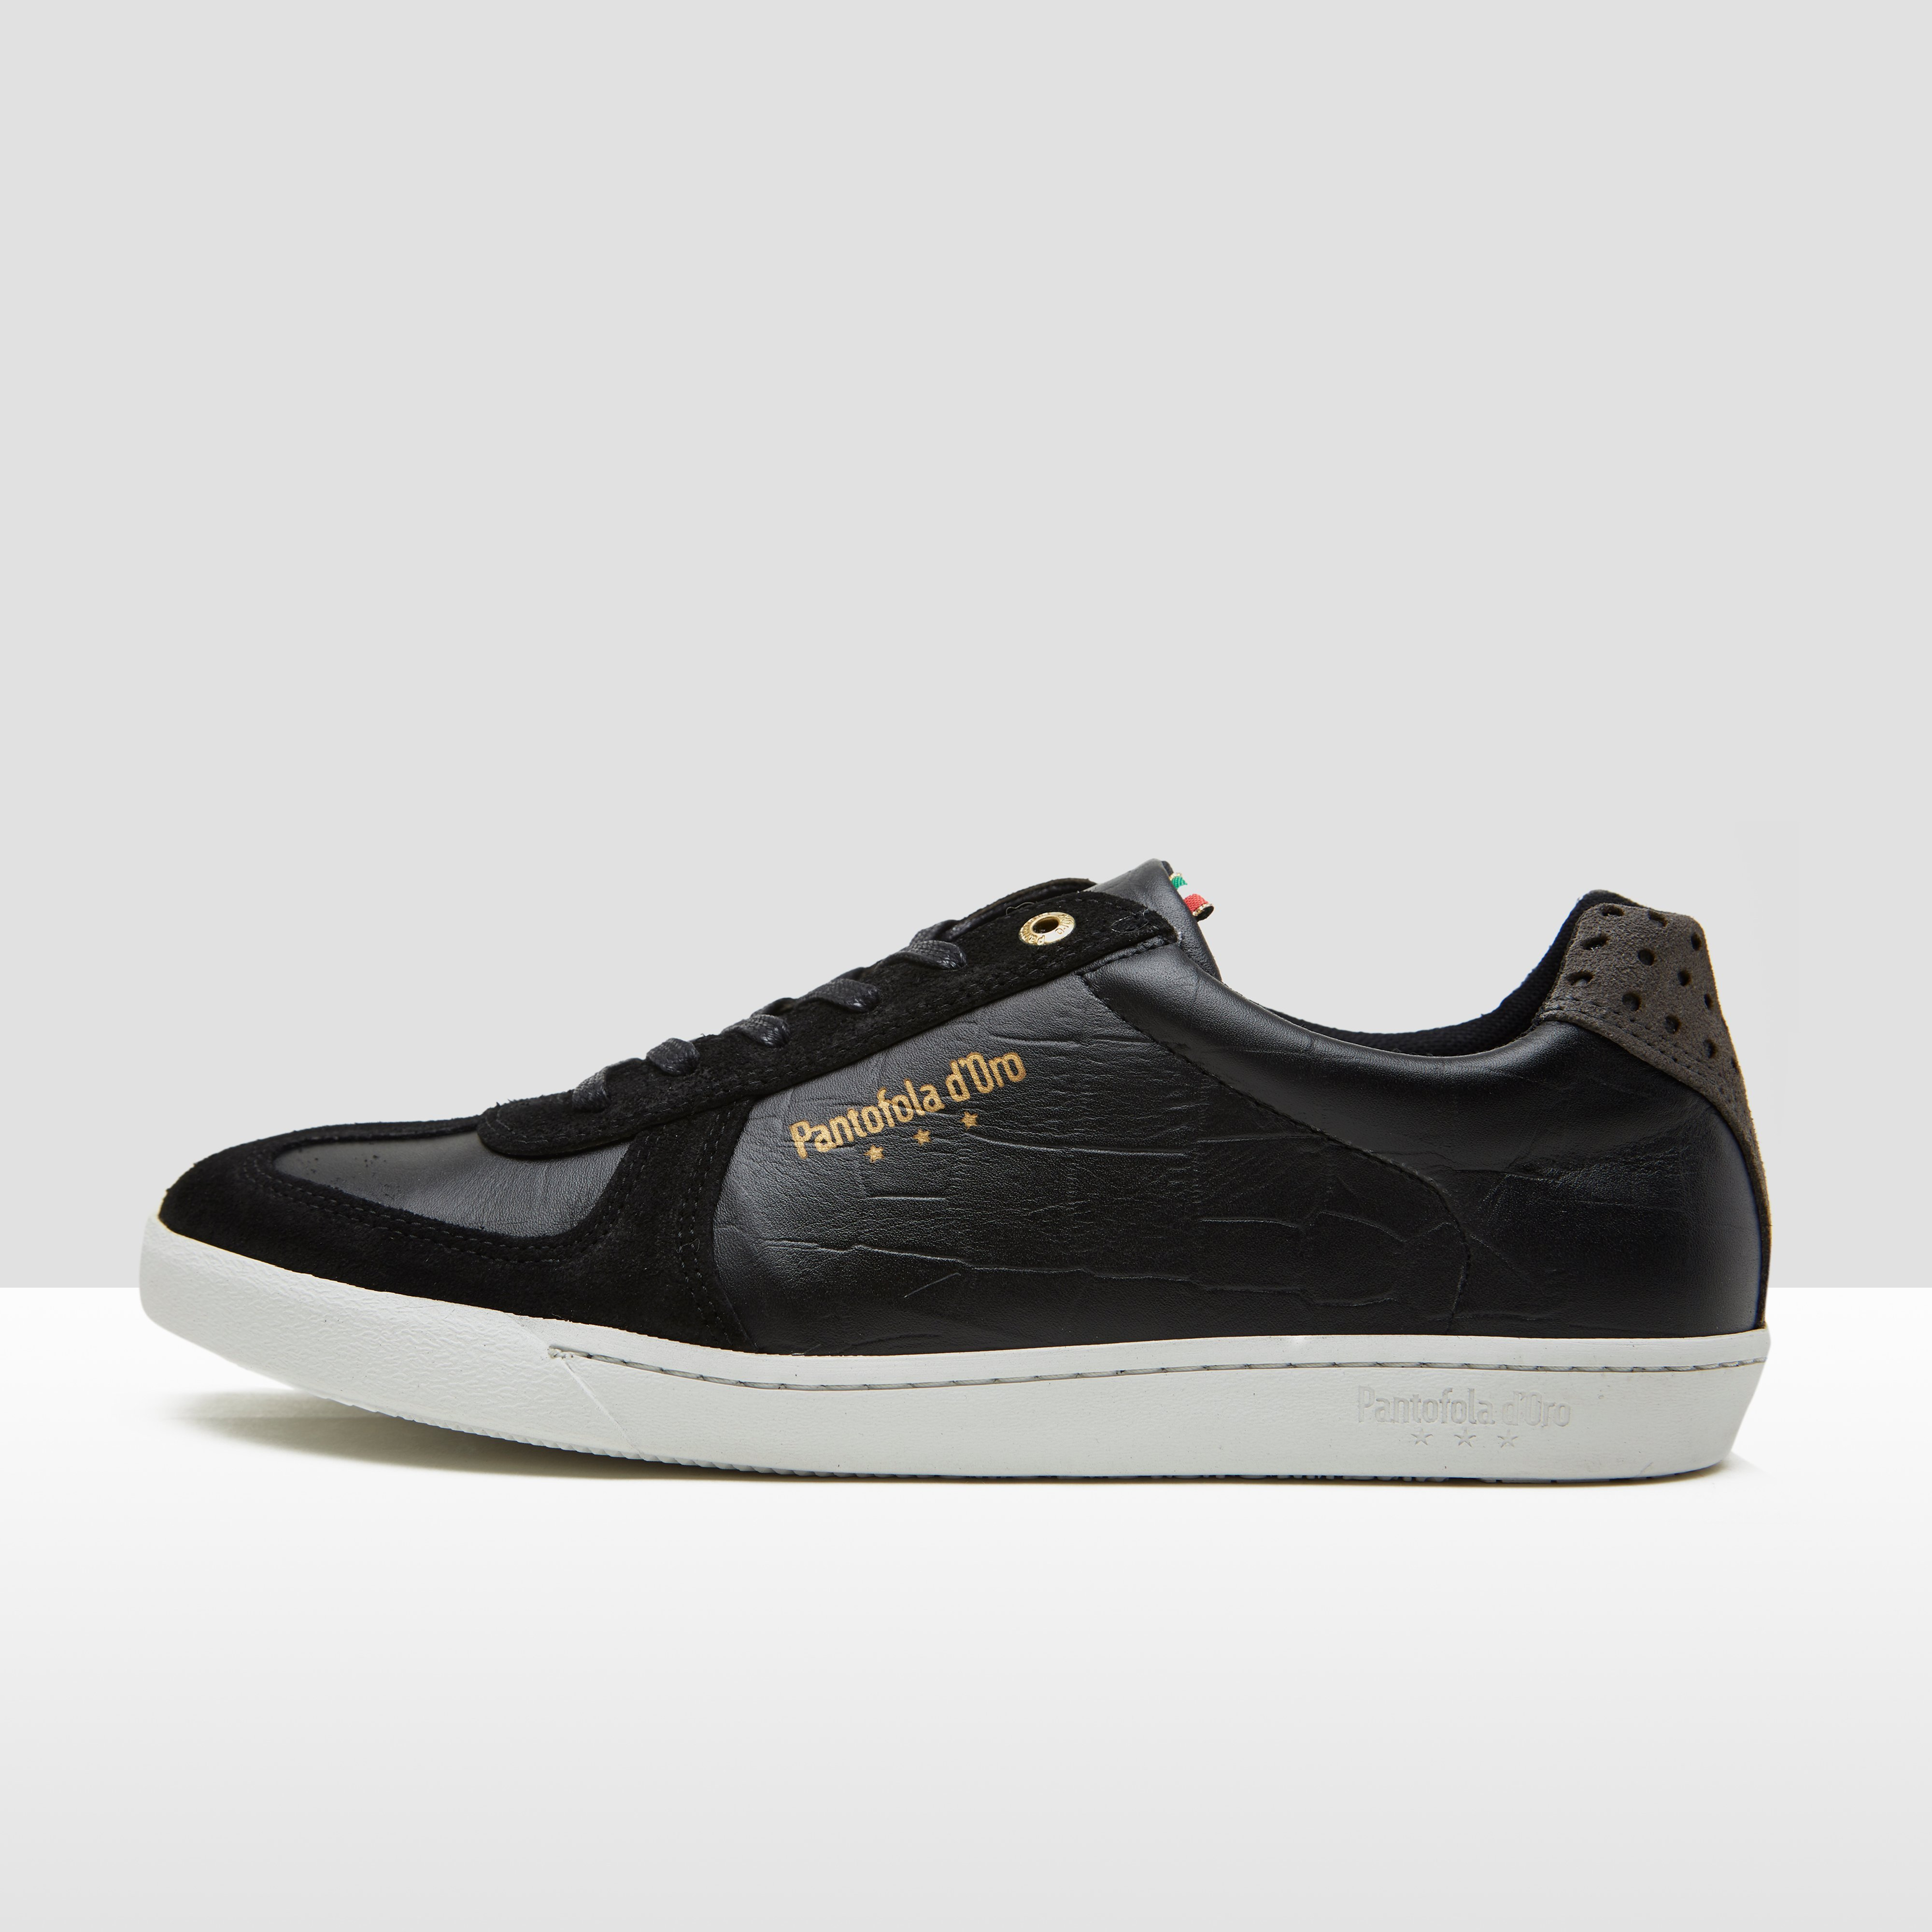 Pantofola D'oro Chaussures Noires Pour Les Hommes 7Nf6szQZd